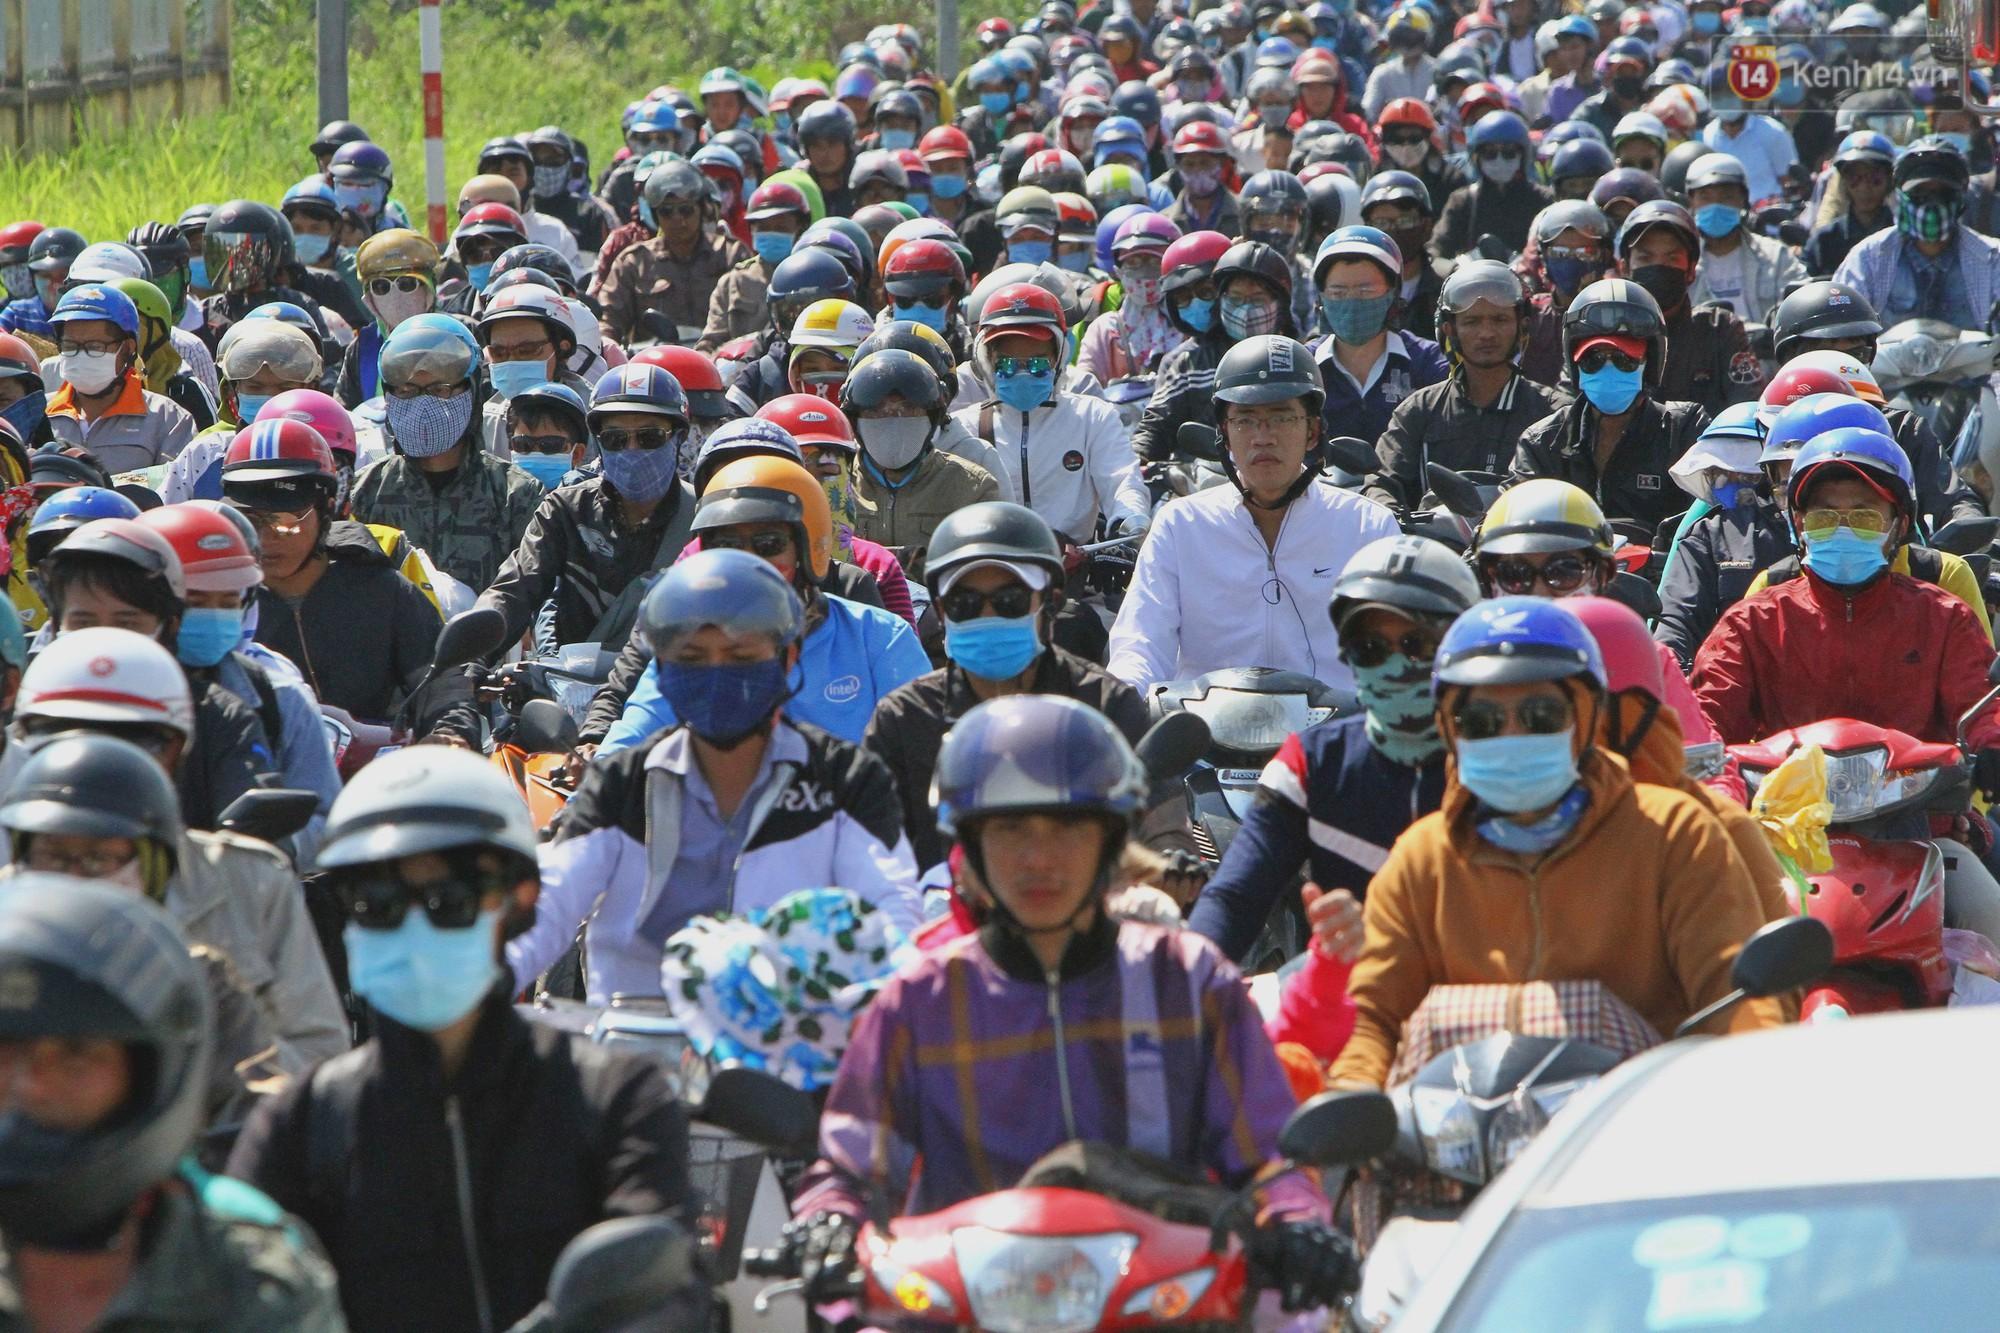 """""""Biển"""" người hối hả quay lại thành phố sau Tết gây ùn tắc nghiêm trọng khu vực cửa ngõ Sài Gòn - Ảnh 2."""